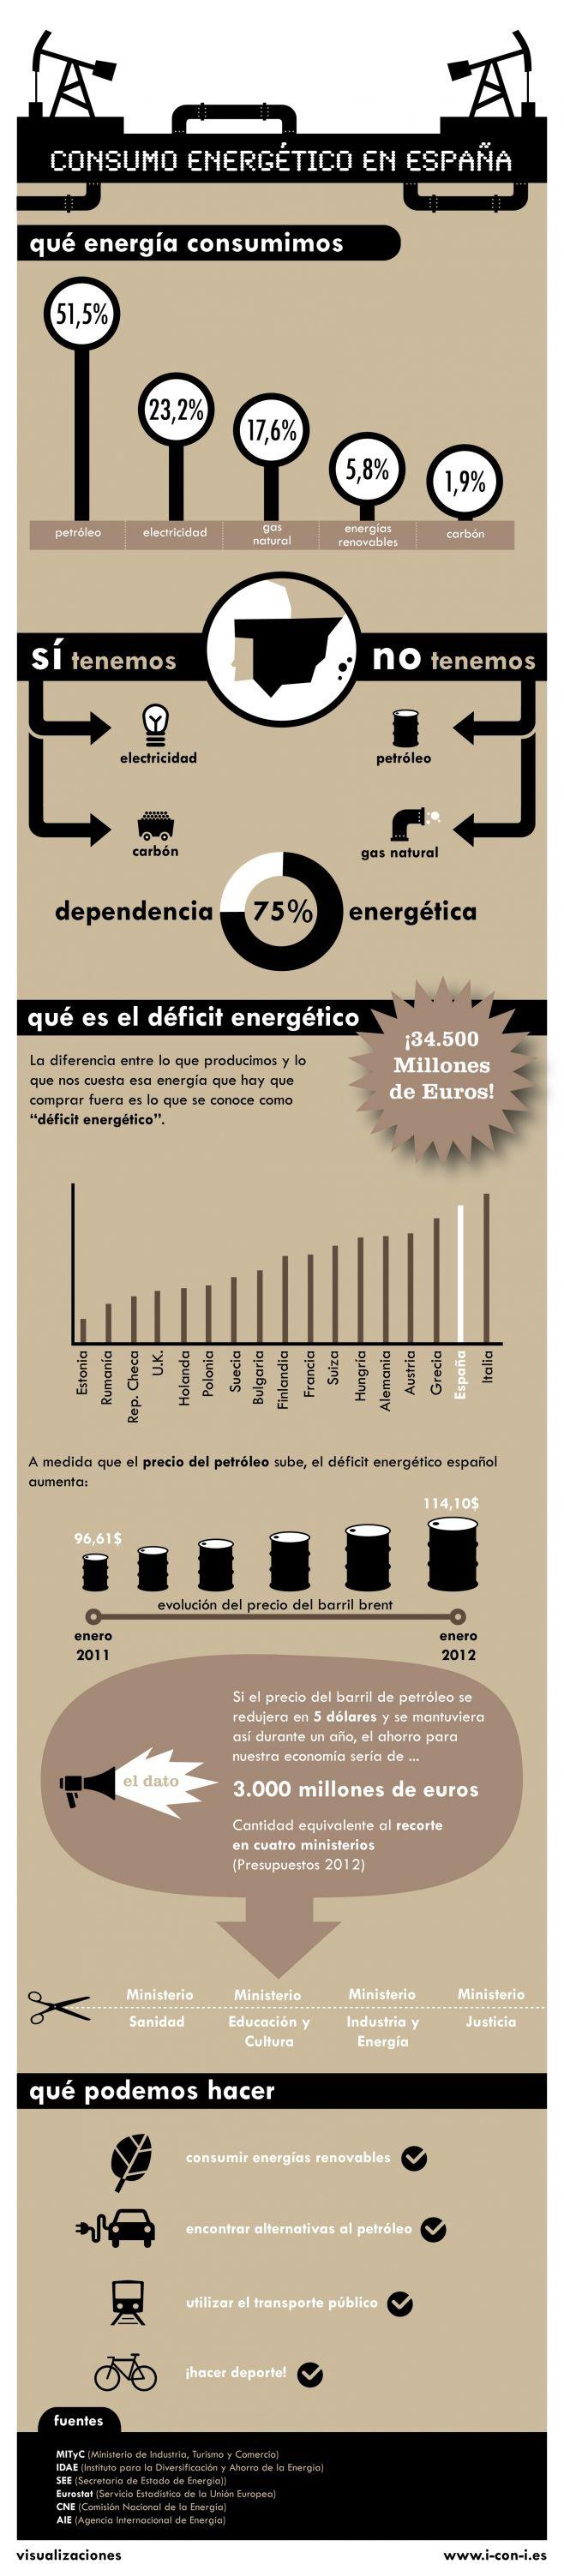 Consumo energetico en espana, infografía.